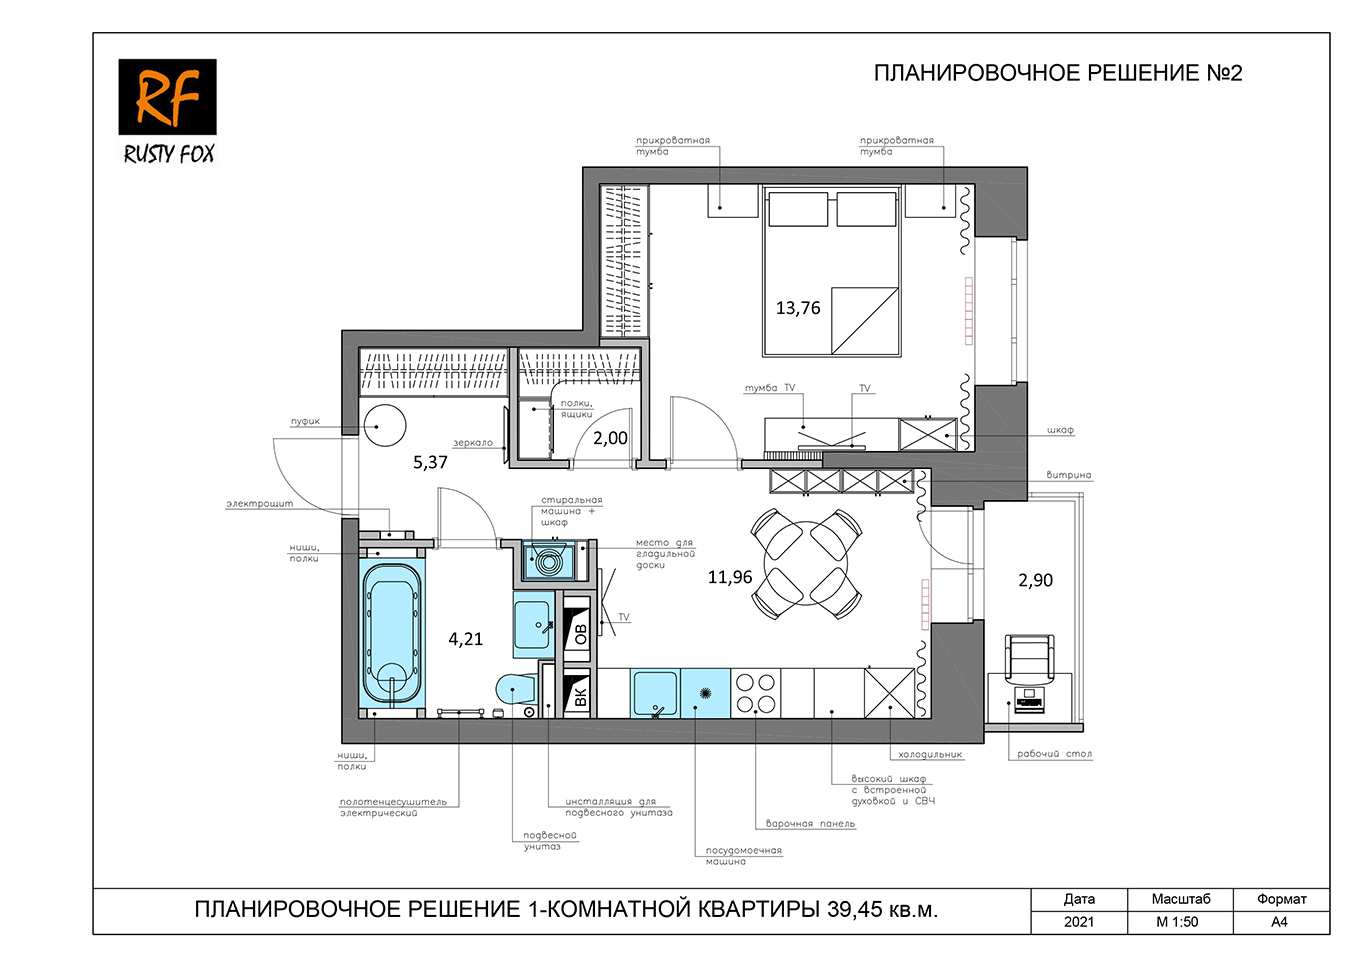 ЖК Люберцы корпус 54, 1-комнатная квартира правая 39,45 кв.м. Планировочное решение №2.